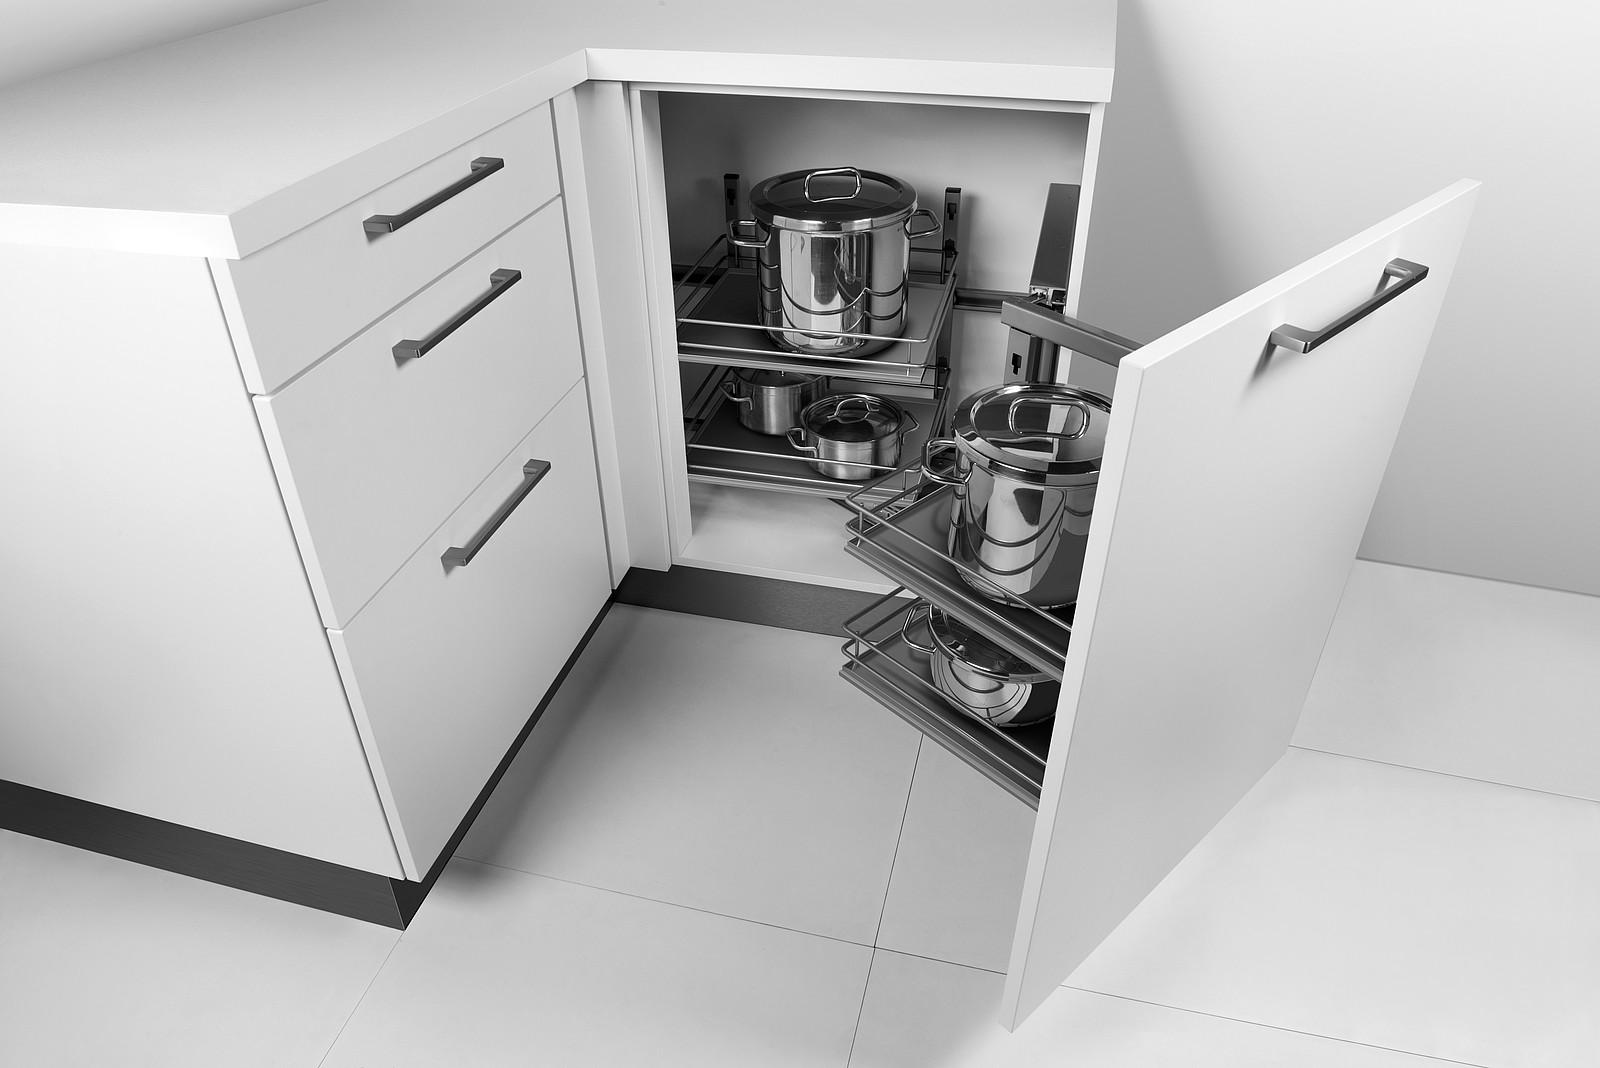 Full Size of Eckschrank Küche Hängend Eckschrank Küche Weiß Hochglanz Eckschrank Küche Gebraucht Eckschrank Küche Rondell Küche Eckschrank Küche